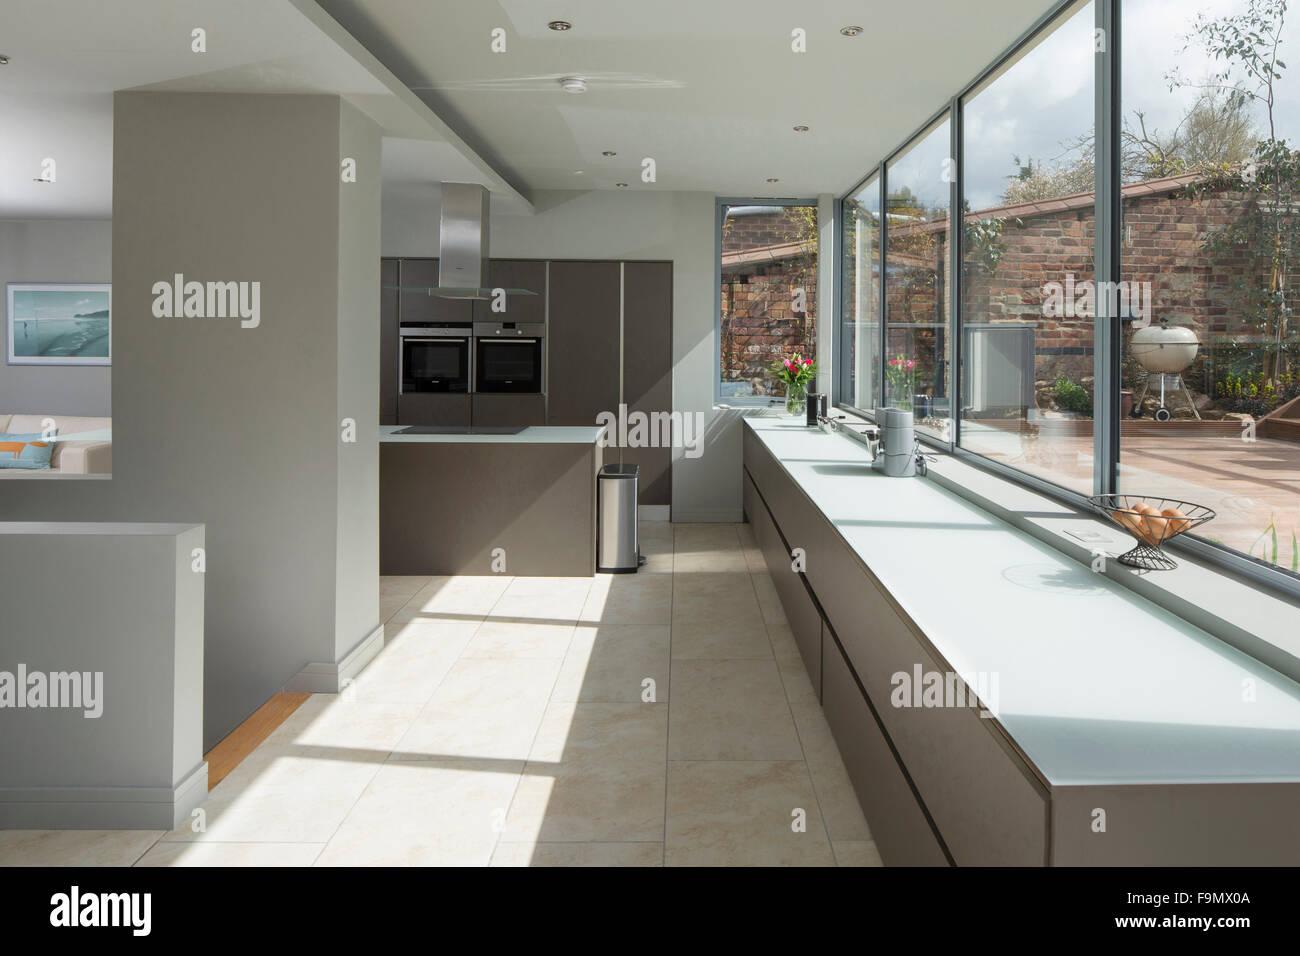 Einen großen offenen Raum, Küche und Essbereich, mit Ansichten aus ...